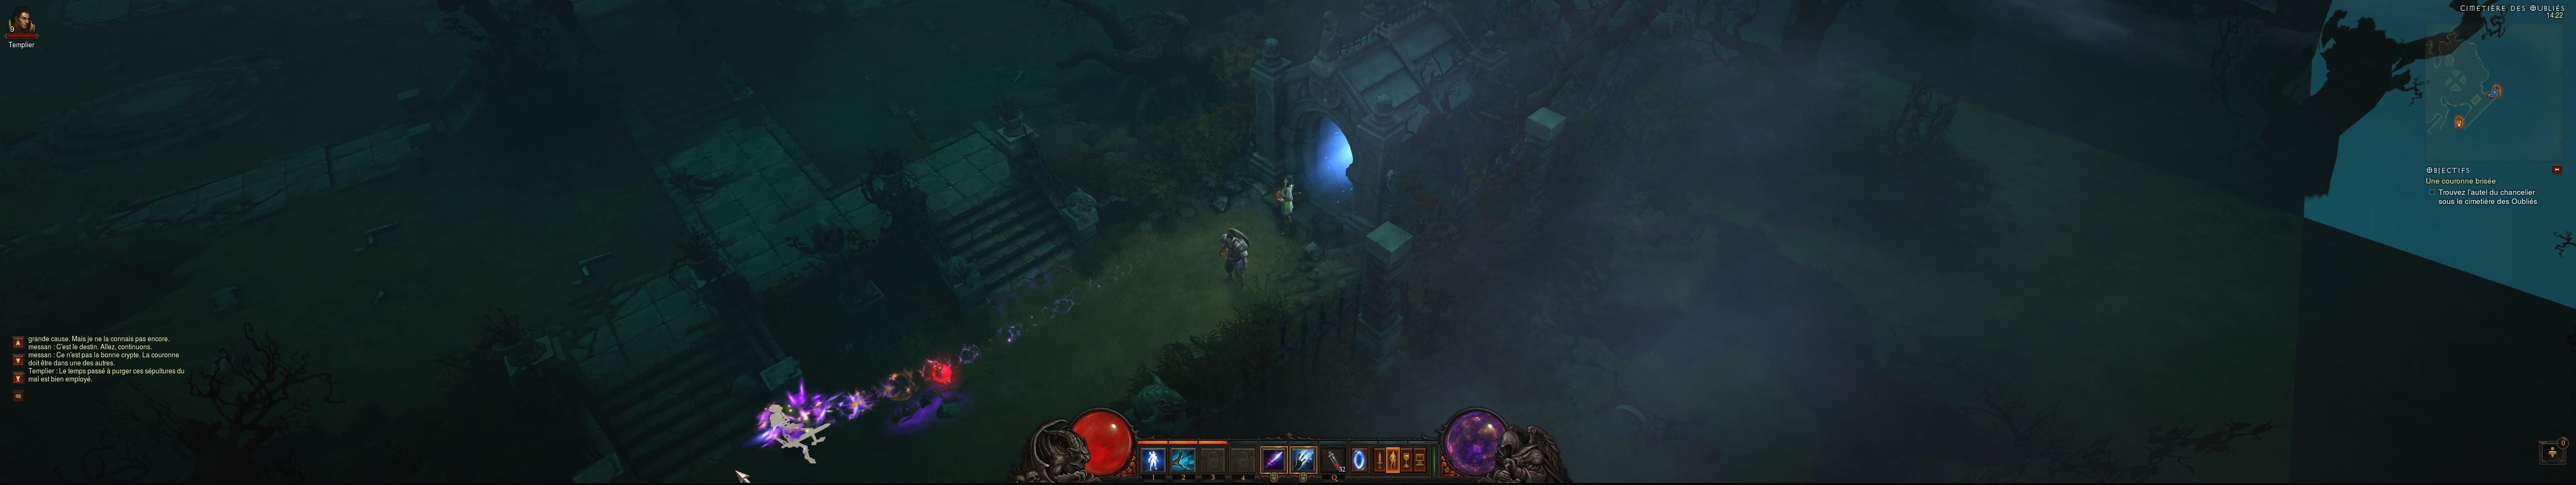 Diablo III sur 3 écrans (Eyefinity ATI). Image réalisée par Phangorn.